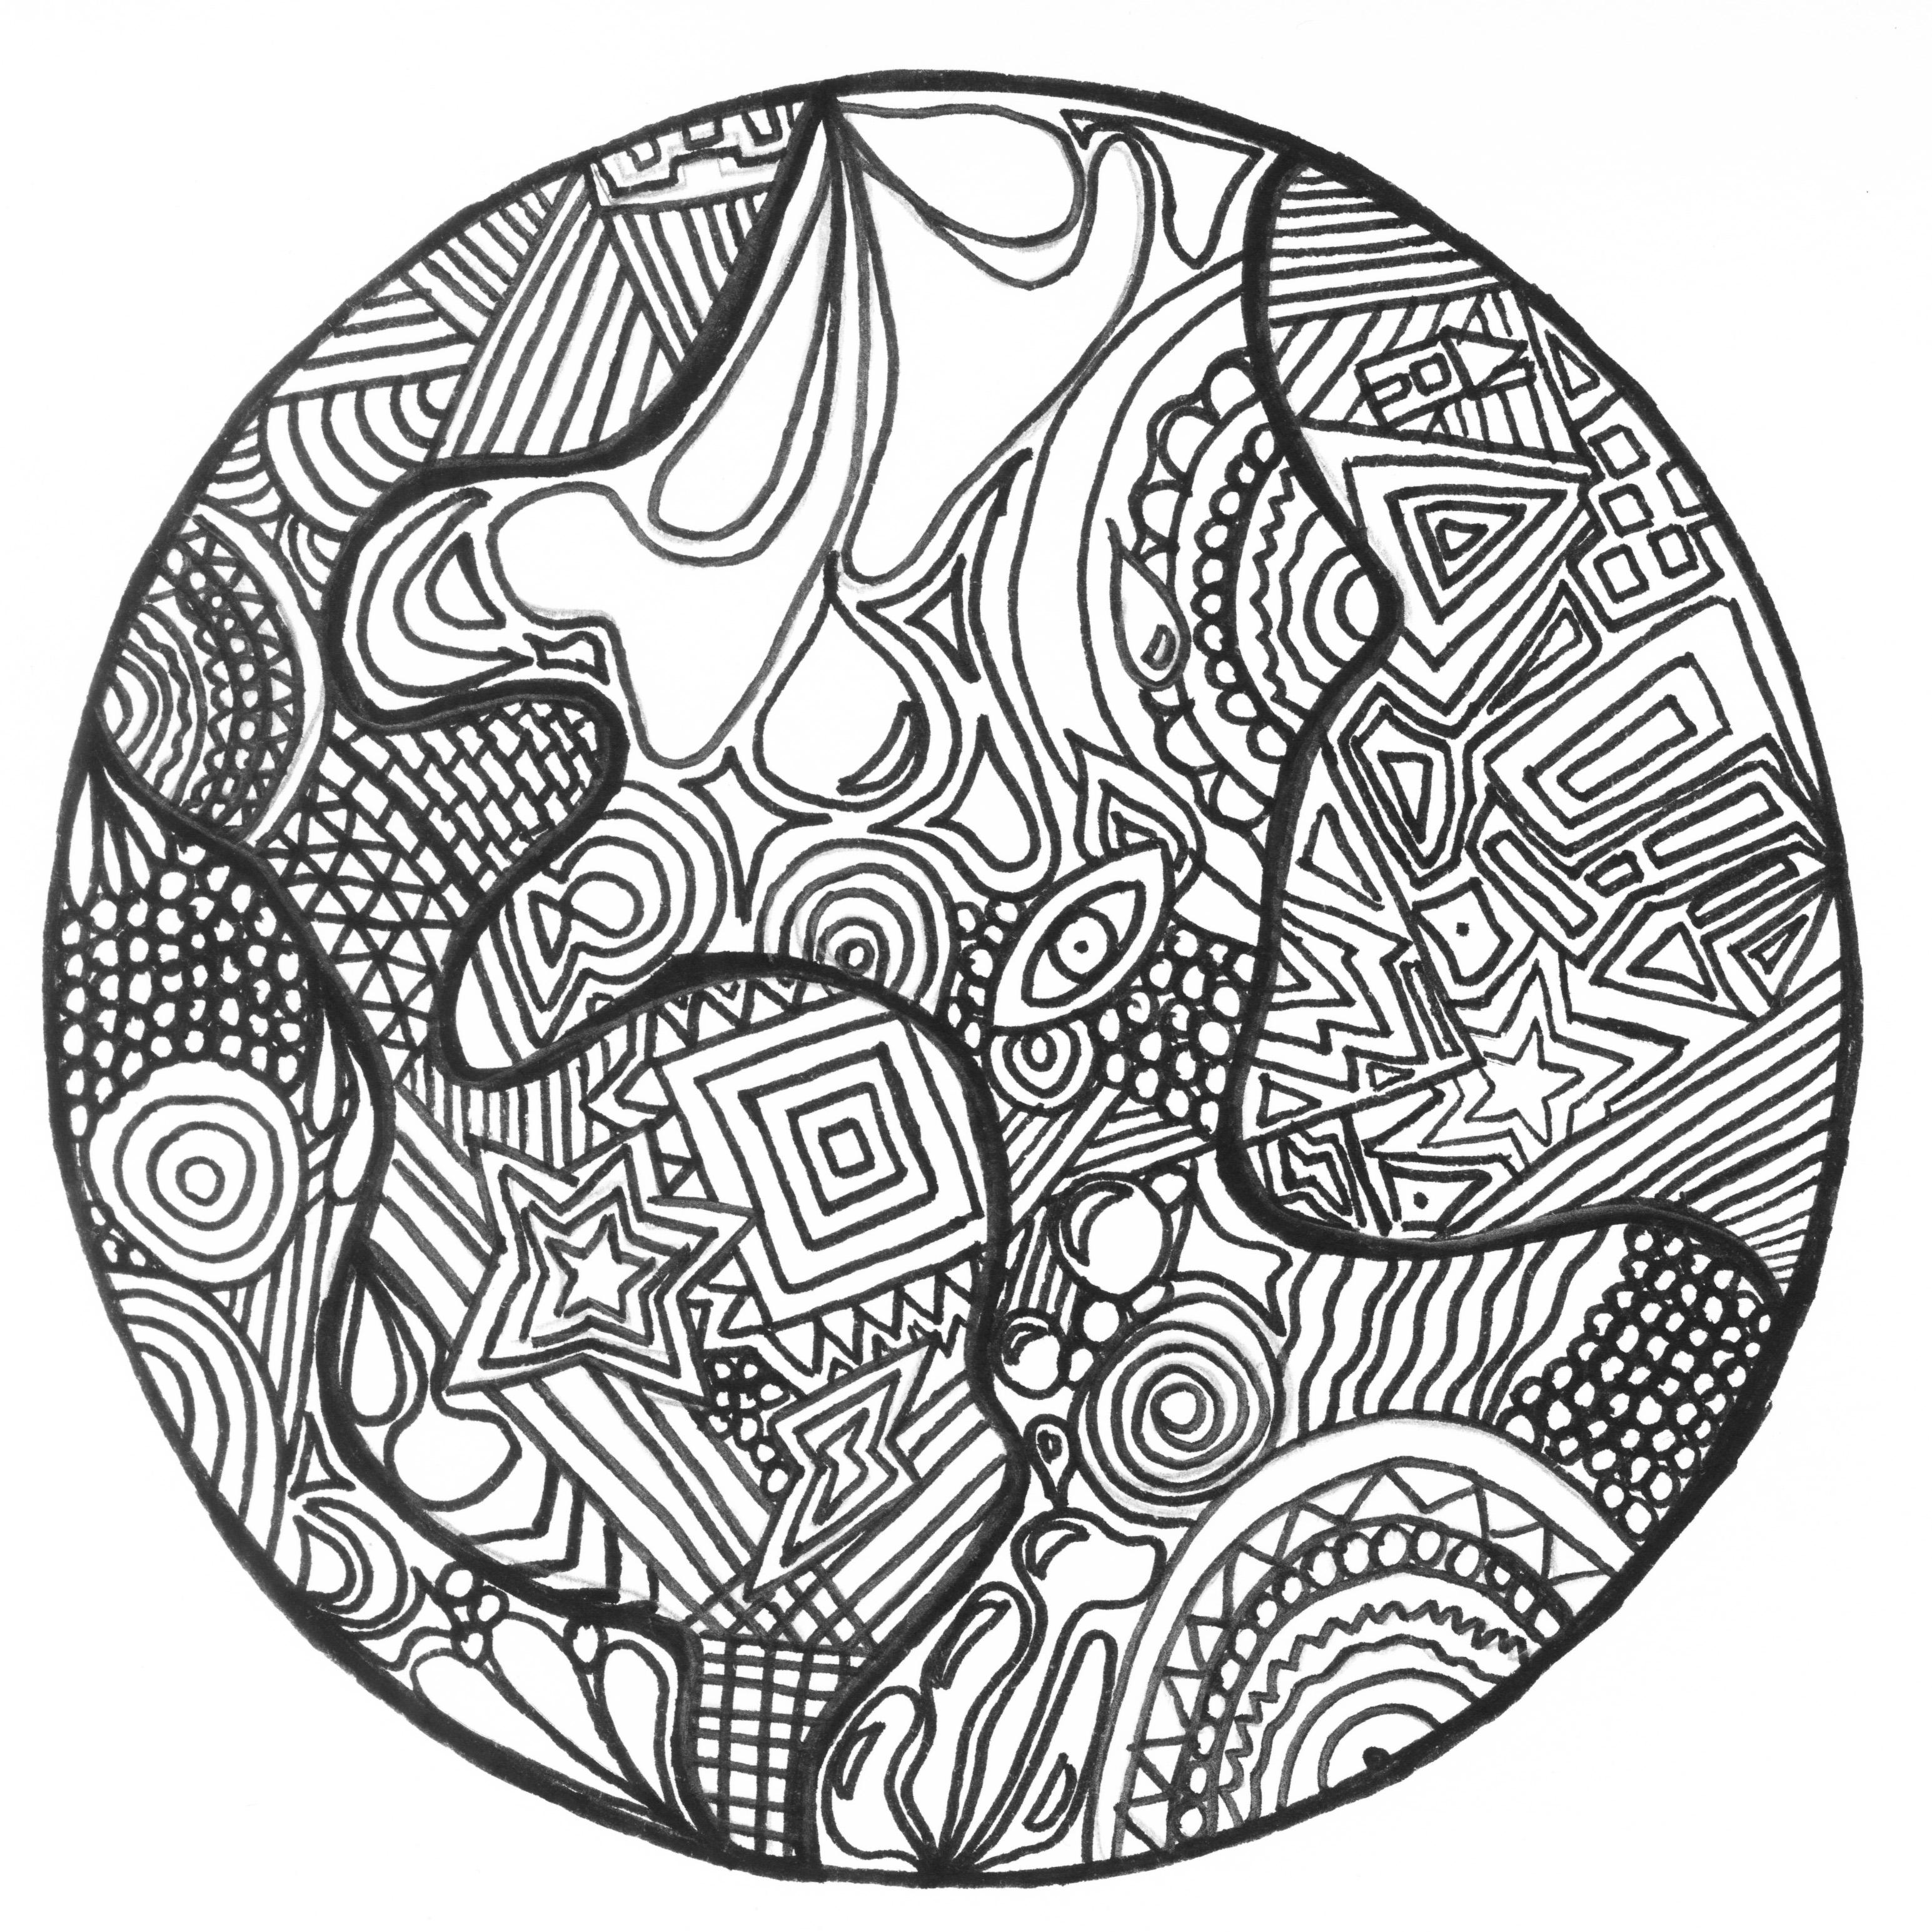 Disegni da colorare per adulti : Zentangle - 48